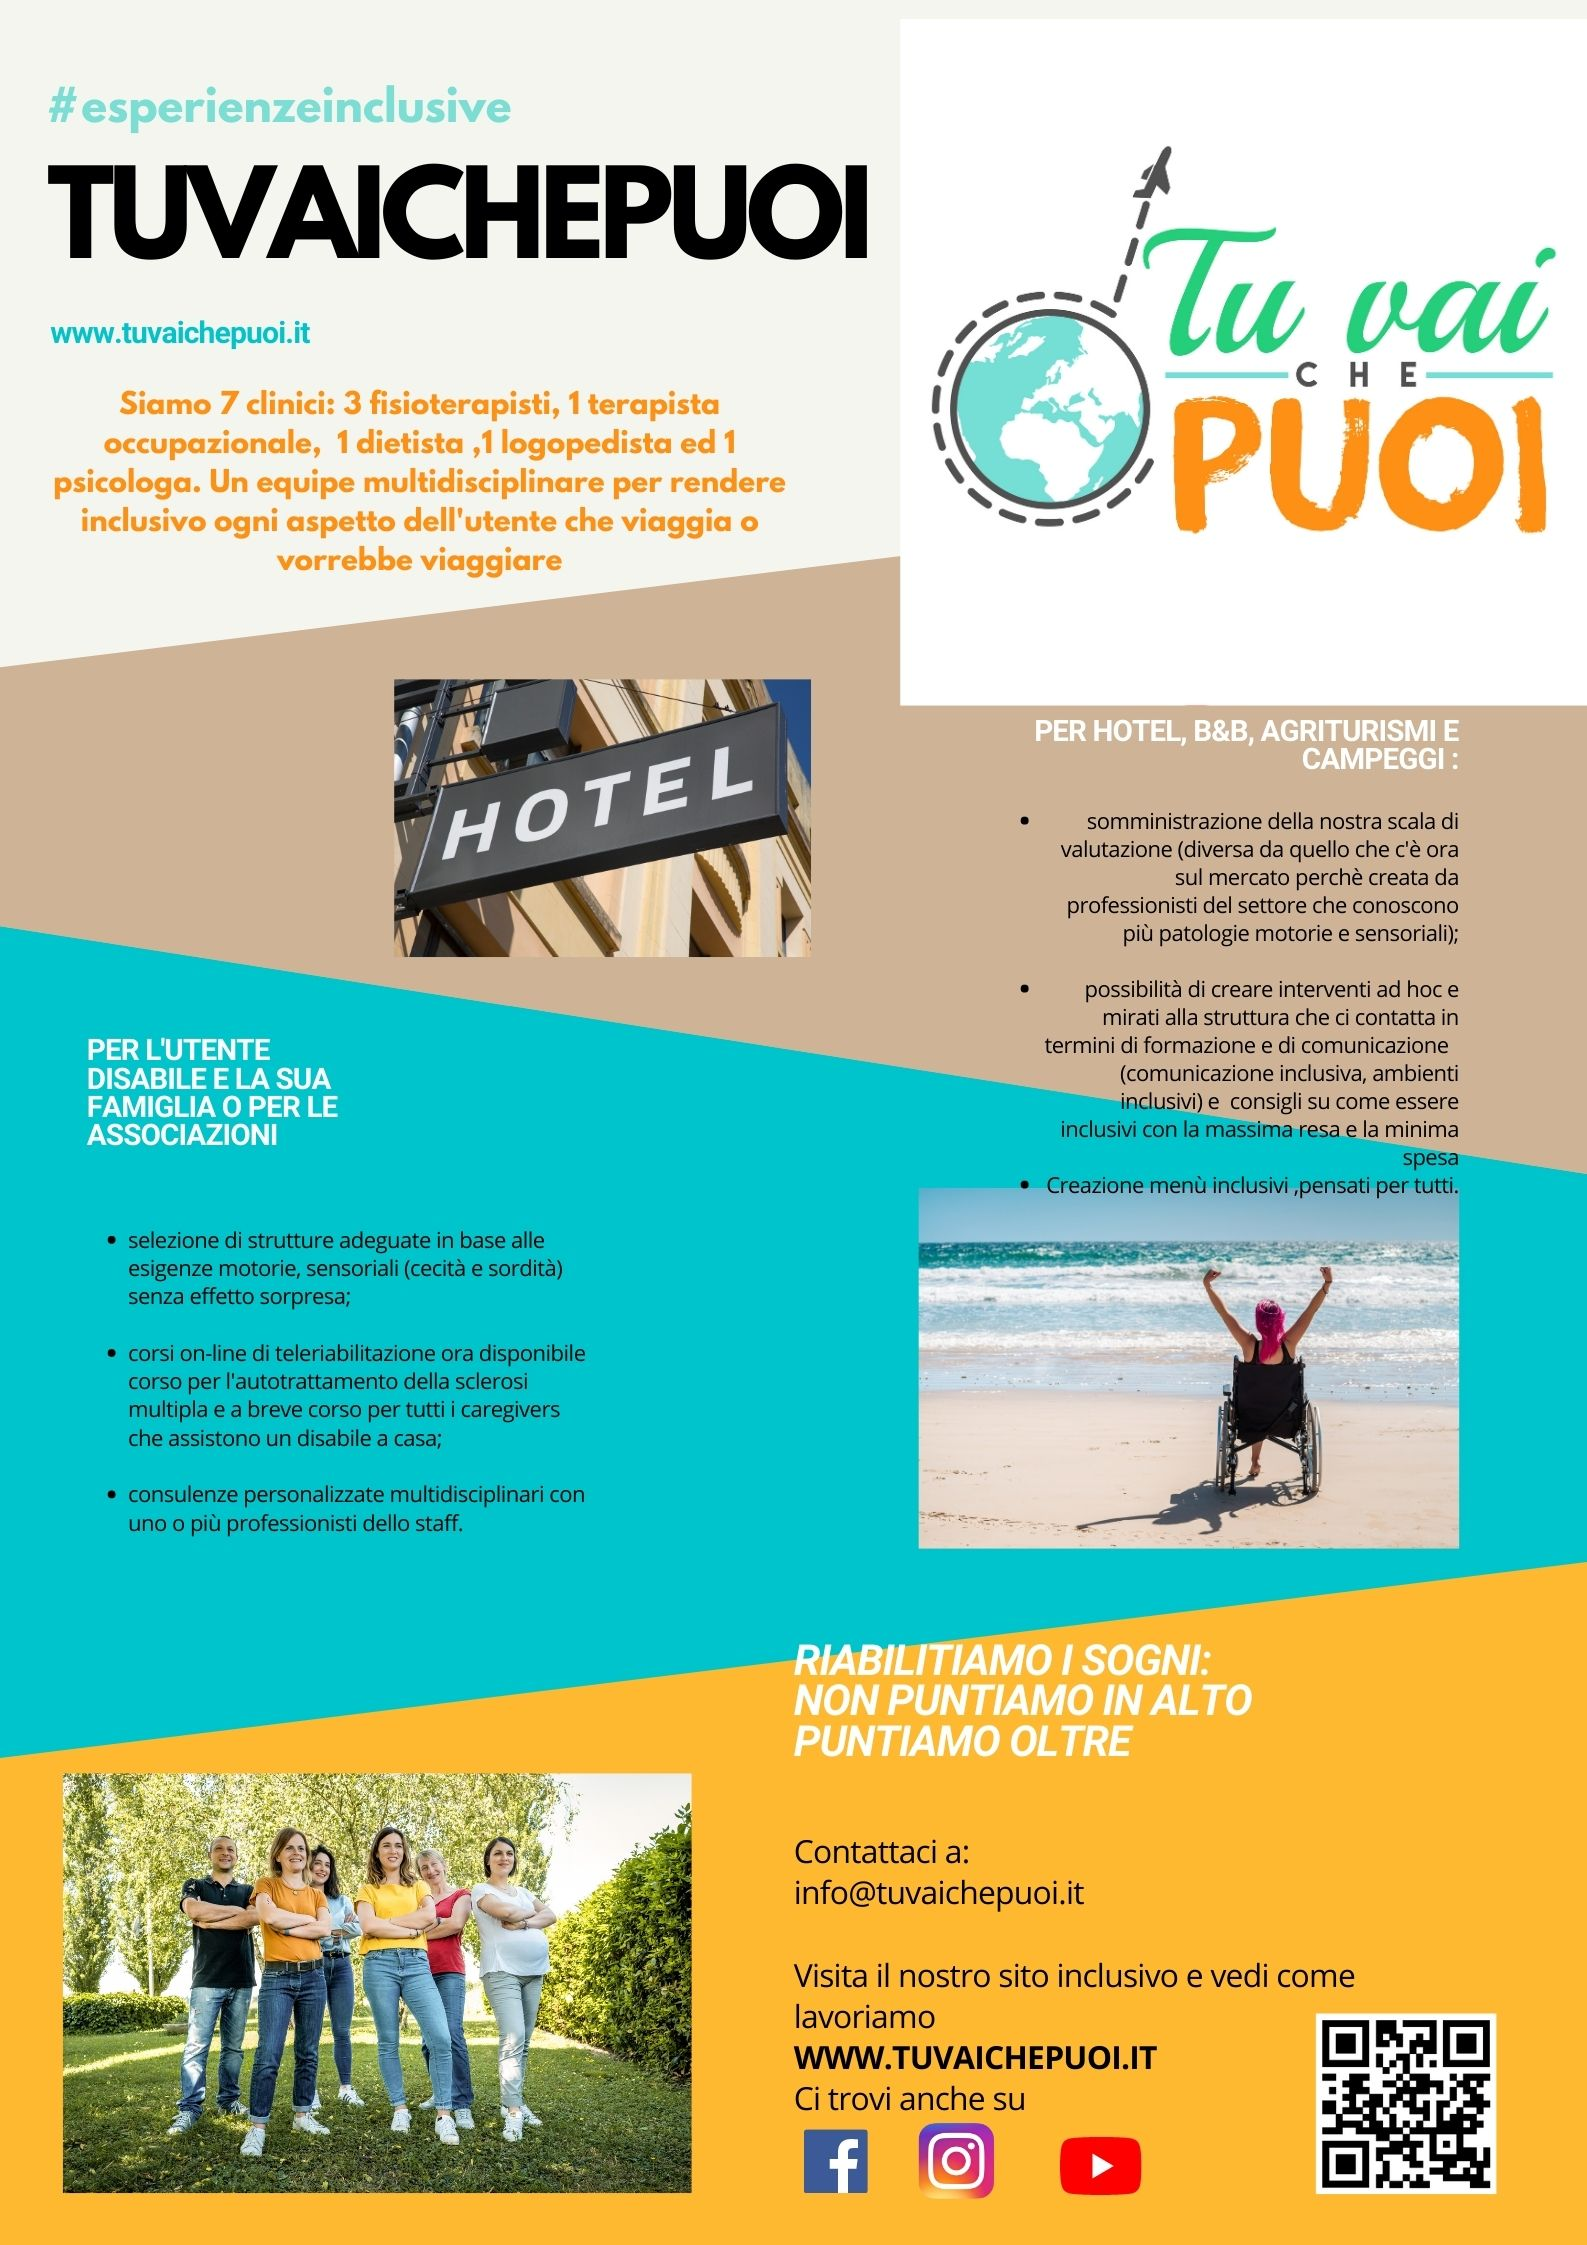 descrizione dei servizi tuvaichepuoi